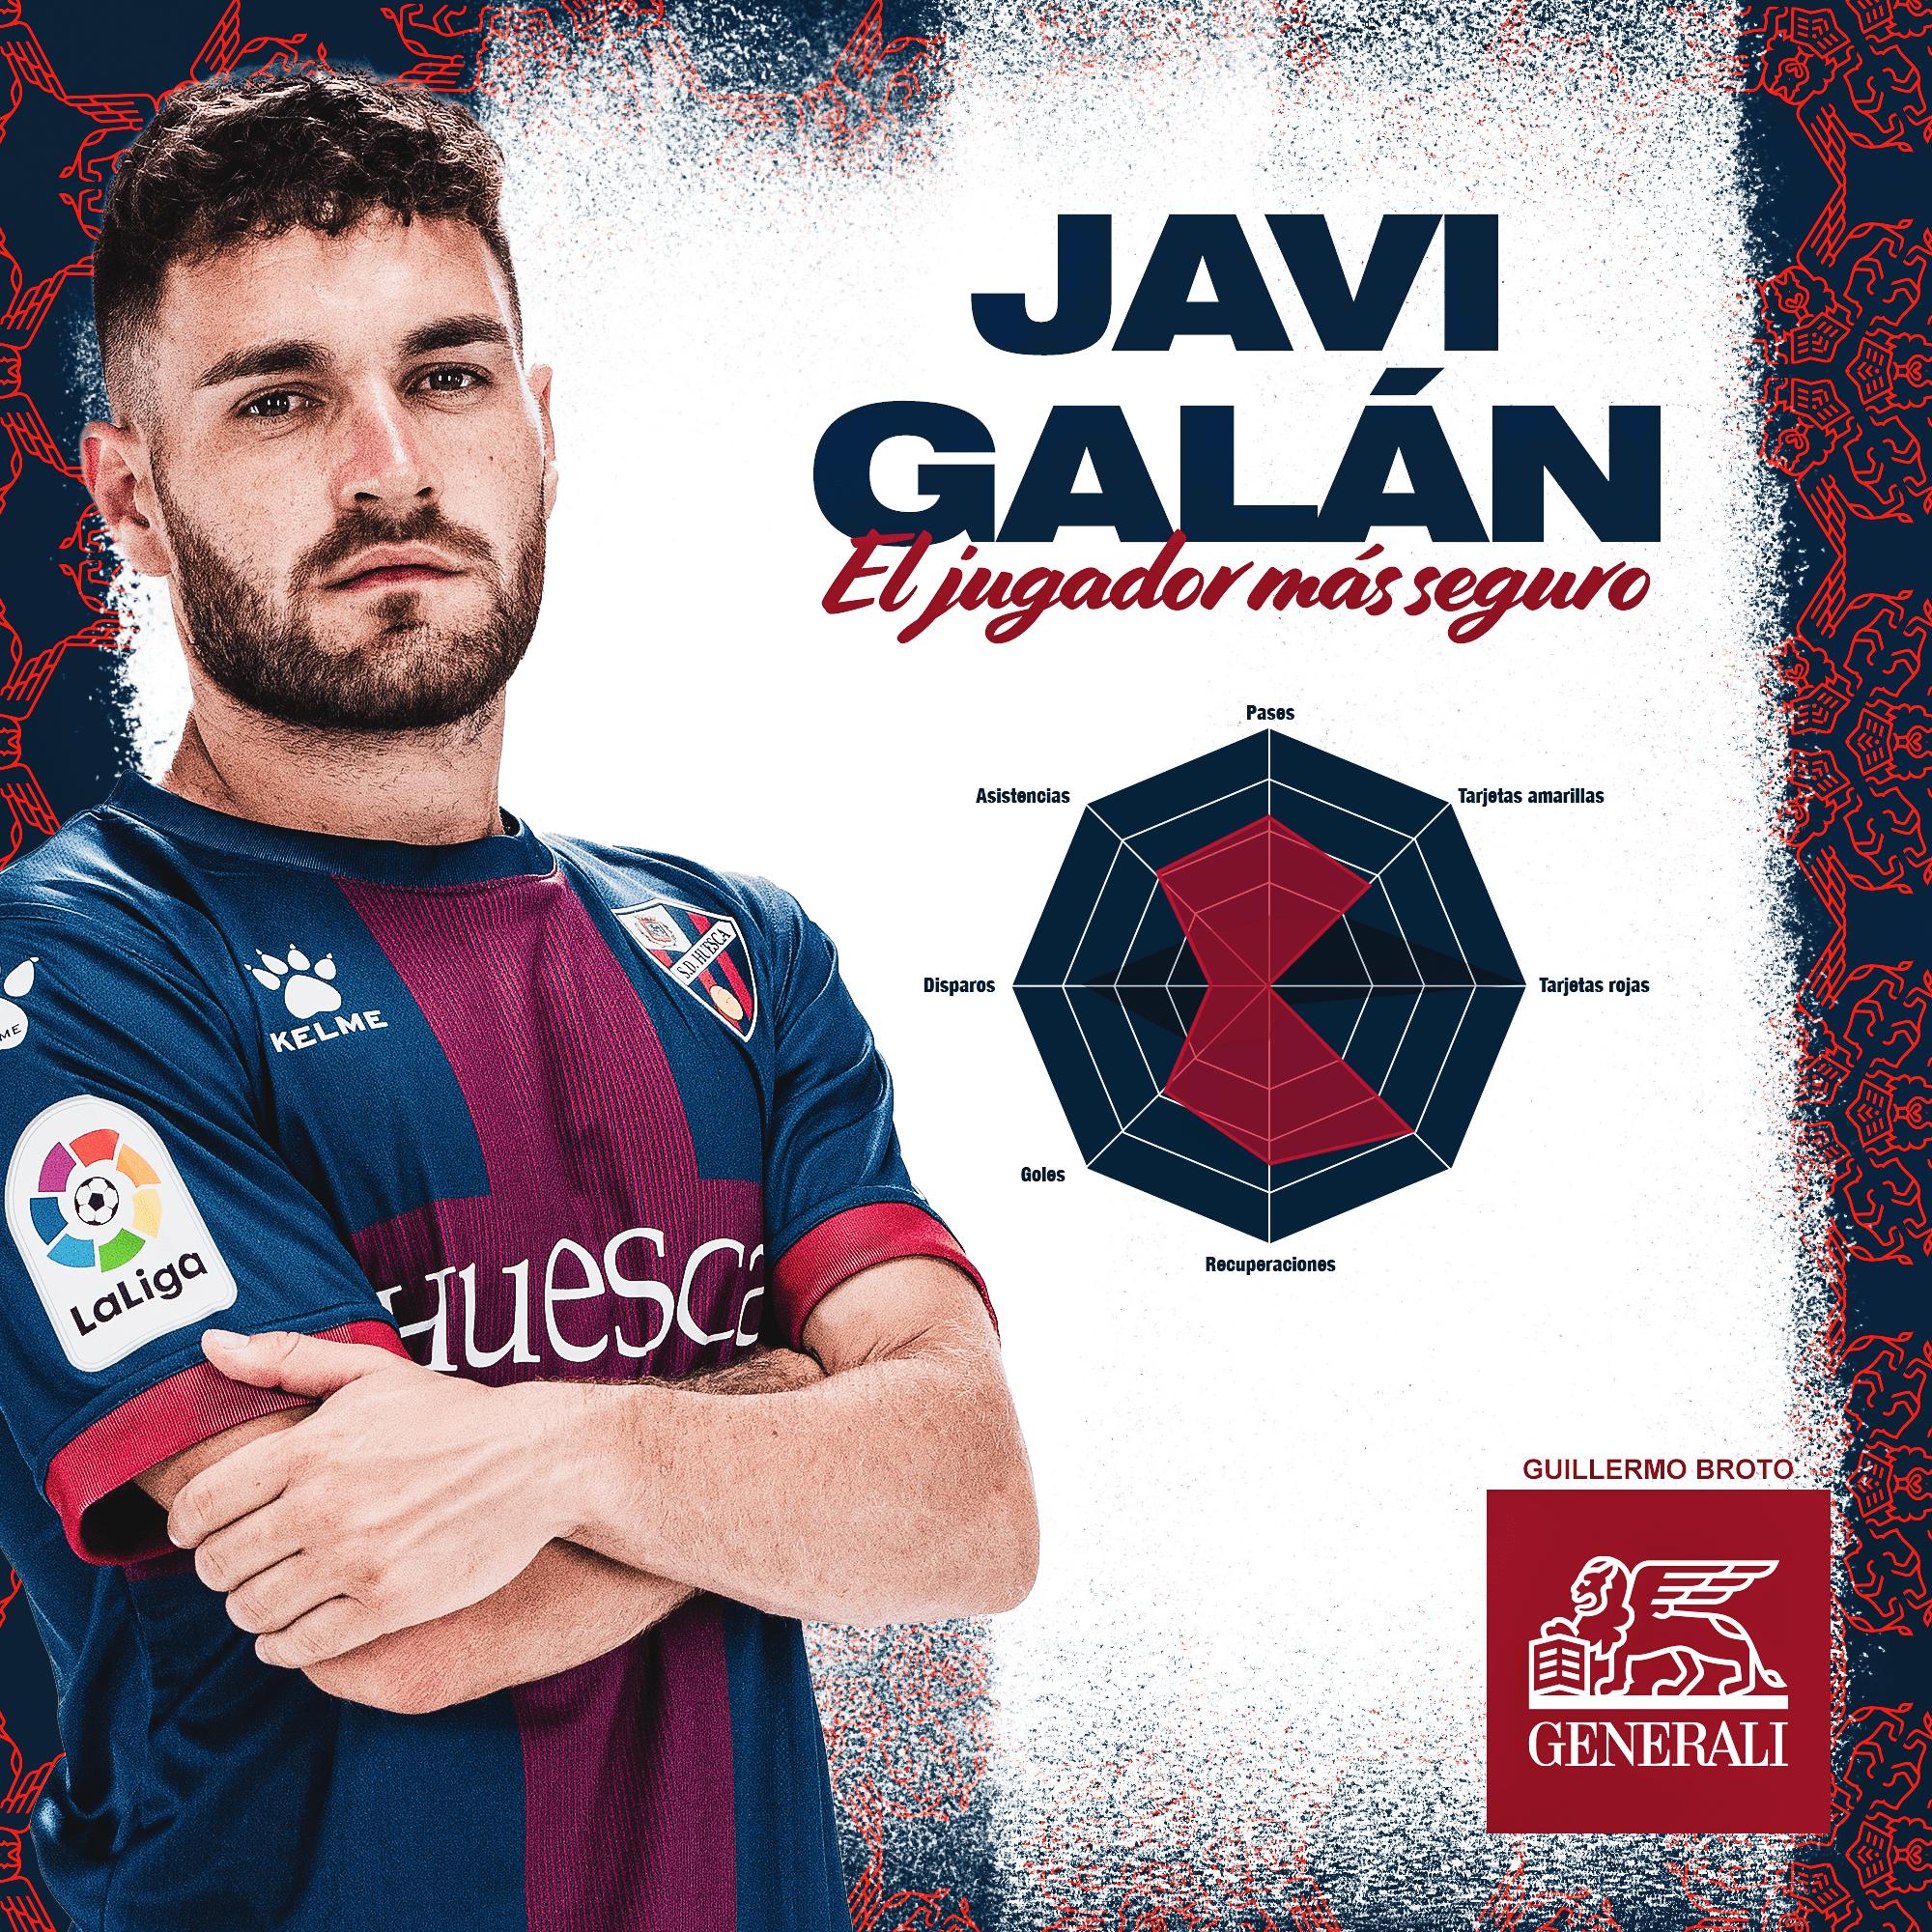 Javi Galán, jugador más seguro de enero